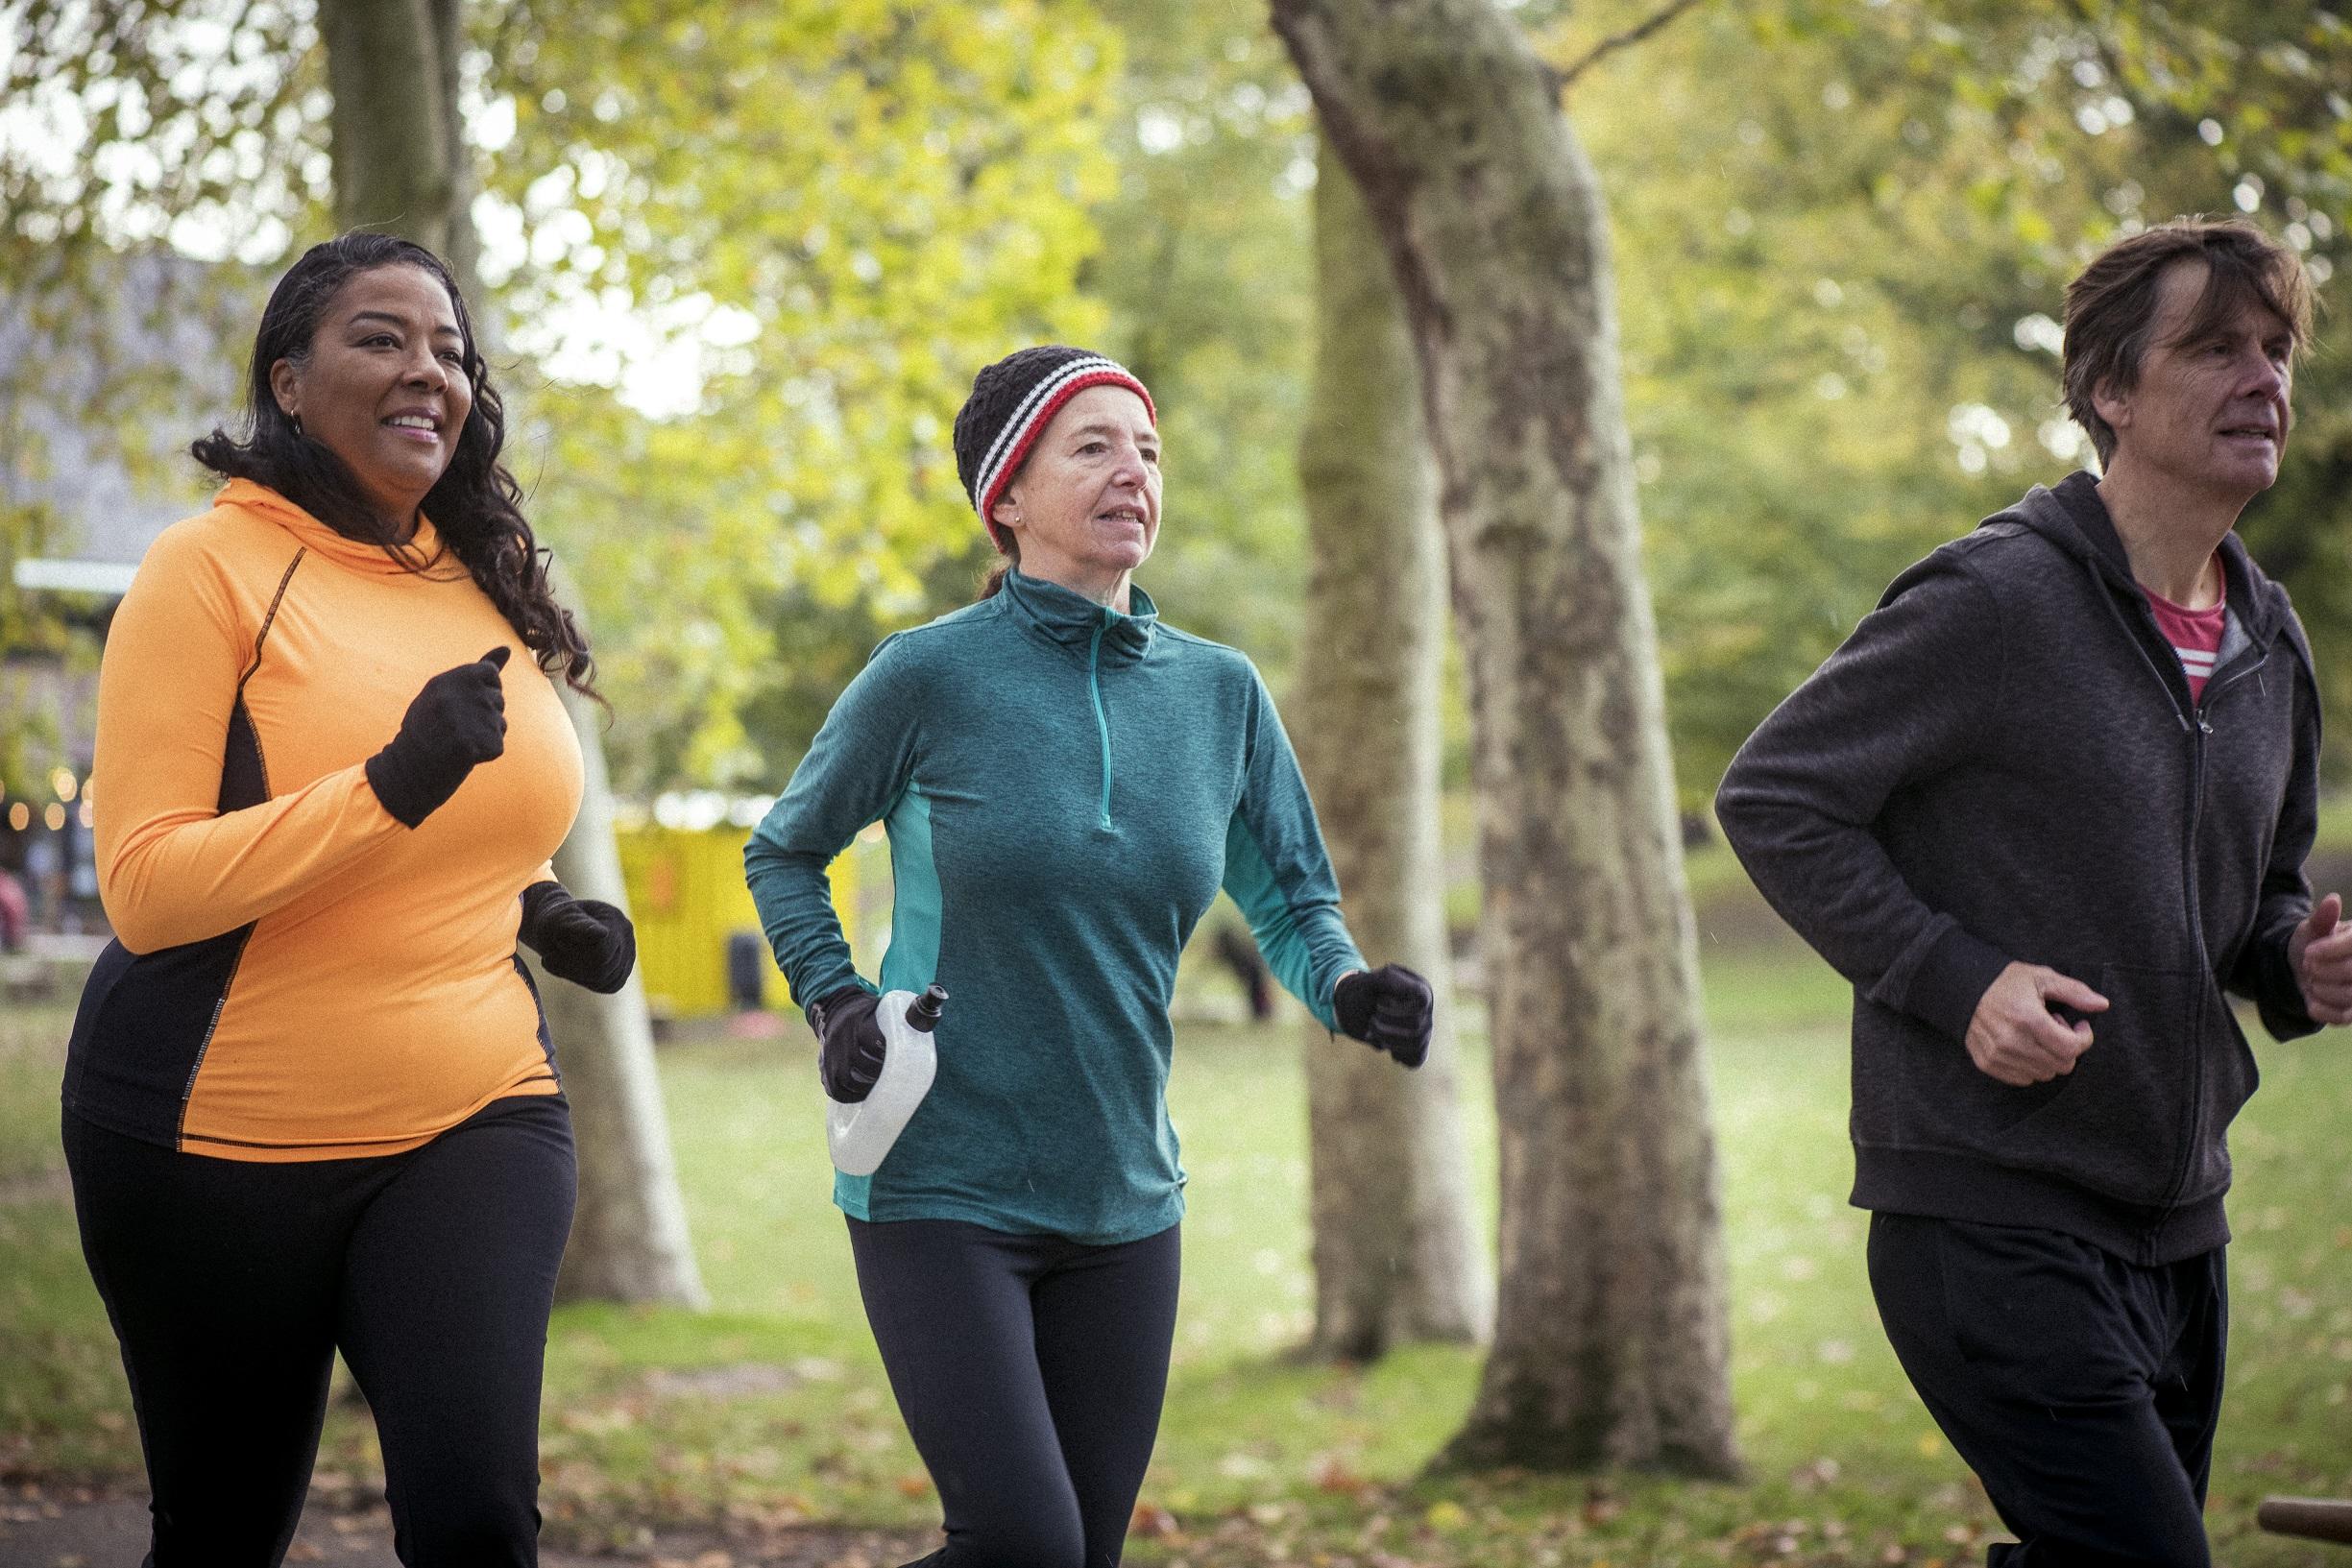 Older people jogging: Equality in sport